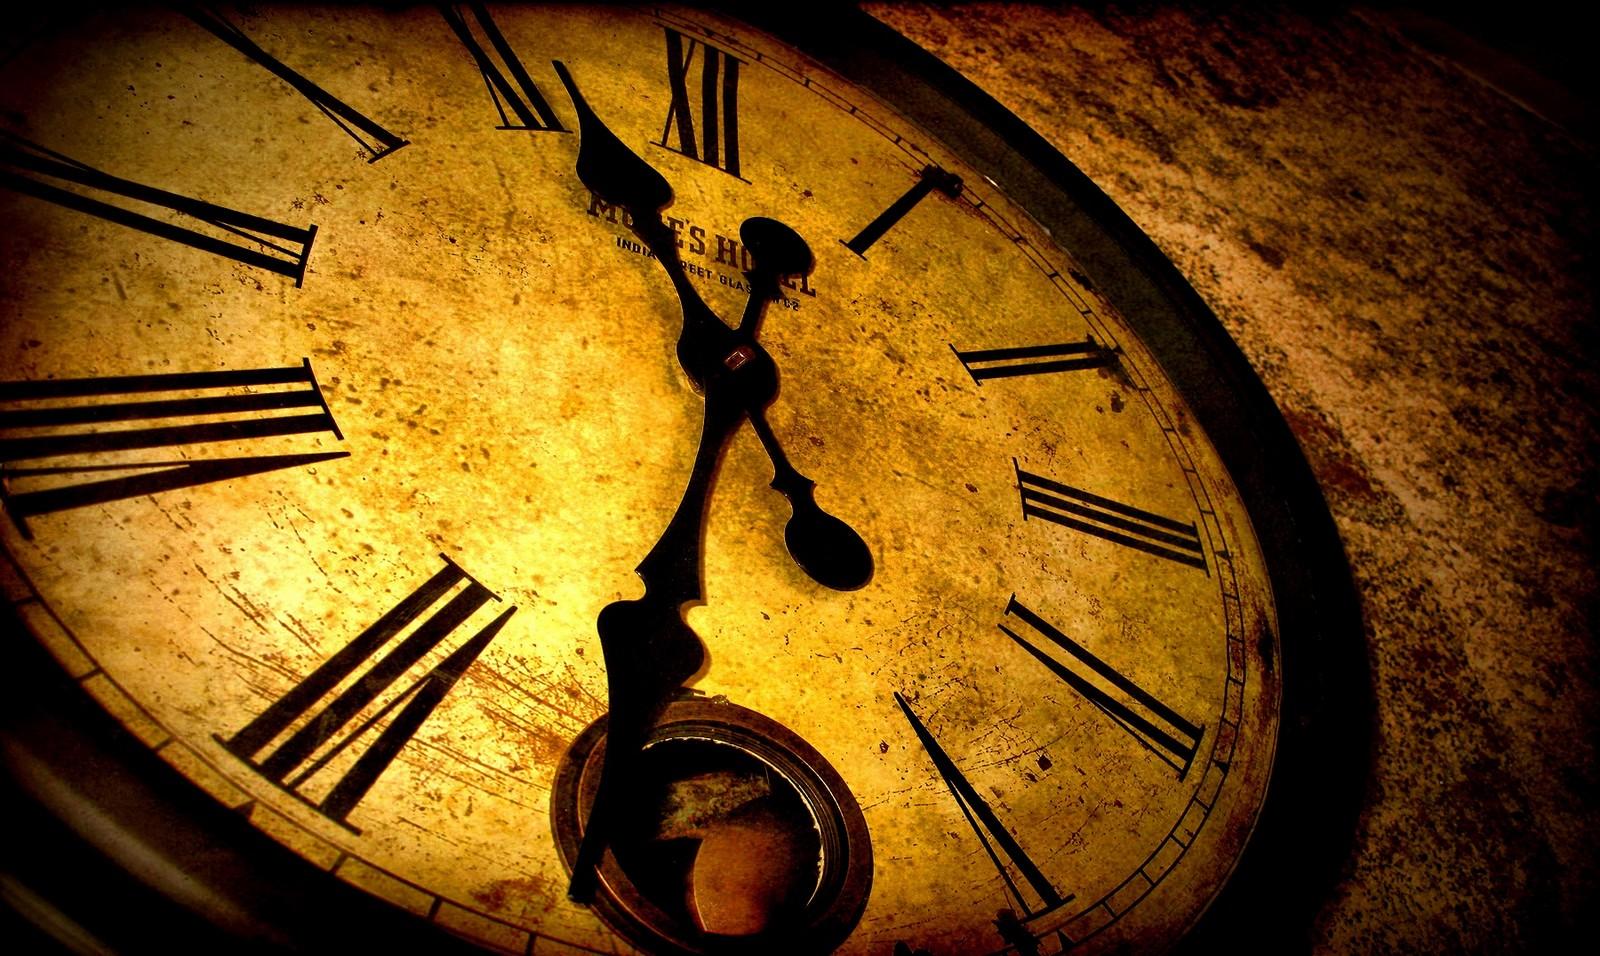 Hace 4 Siglos una Religiosa Recibió Profecías, que están Desatándose Ahora